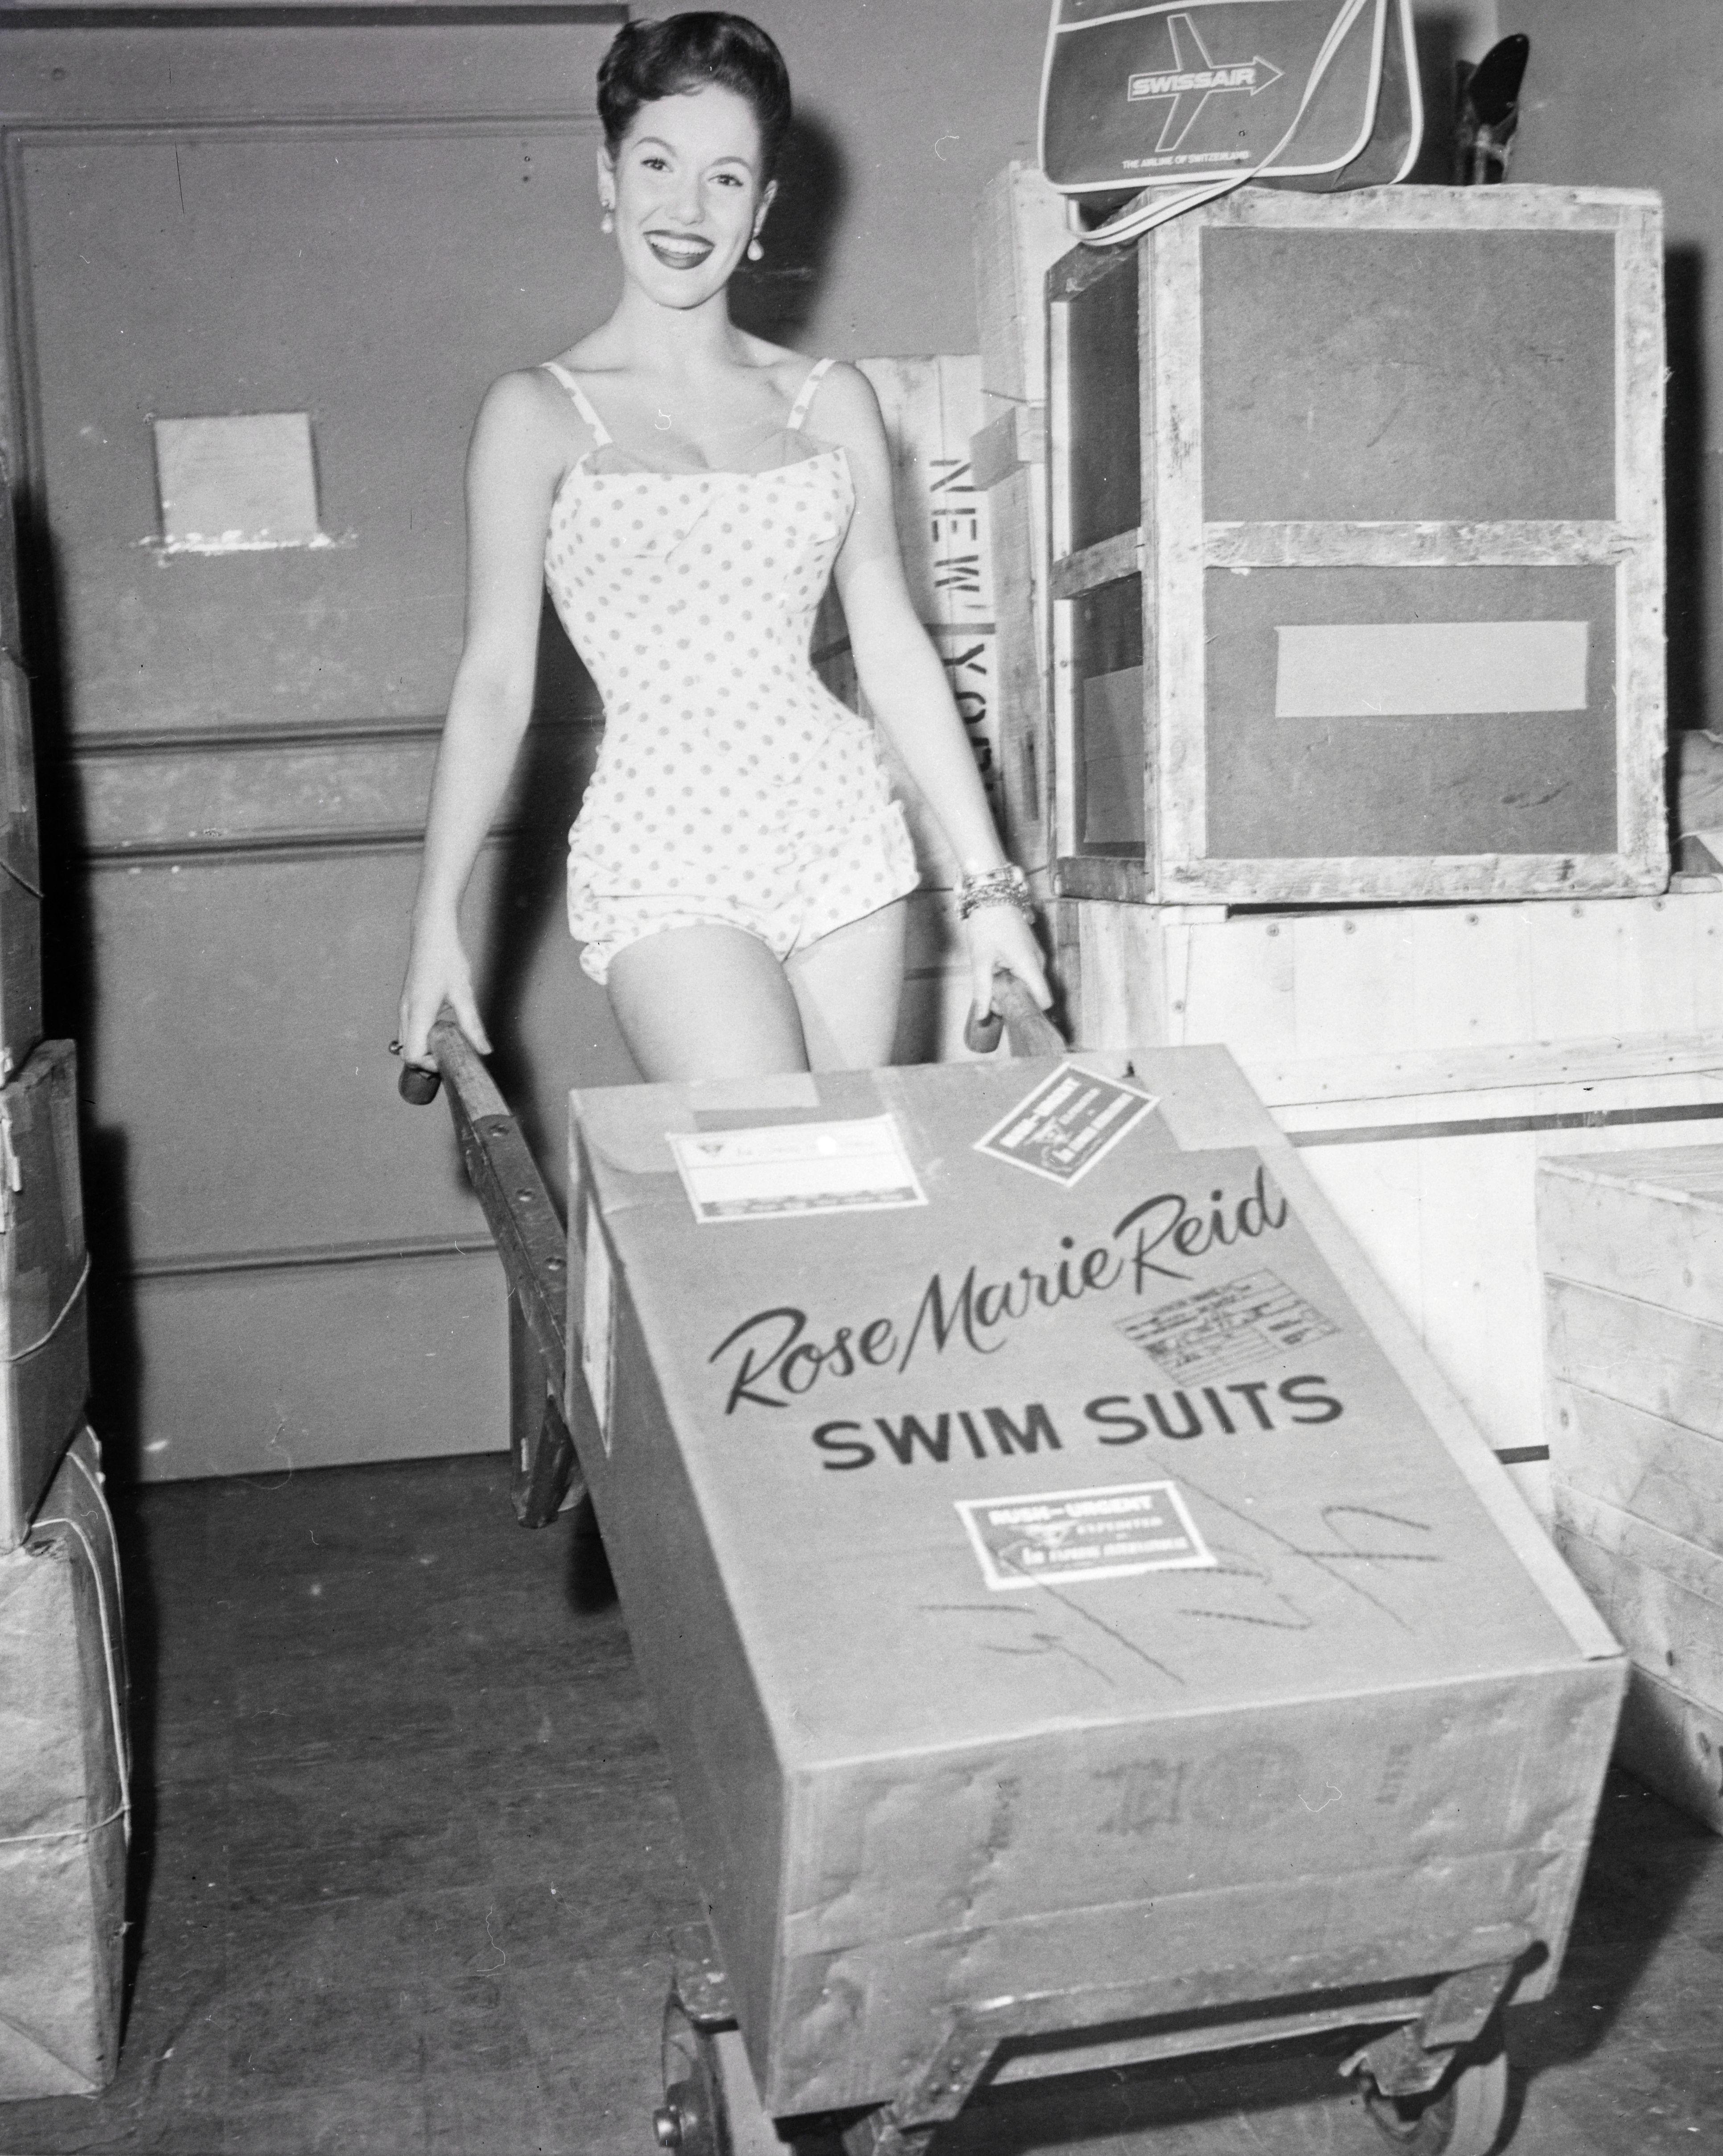 Model präsentiert Rose Marie Reid Swim Suits in der Frachthalle am Flughafen Zürich-Kloten. LBS_SR03-06860